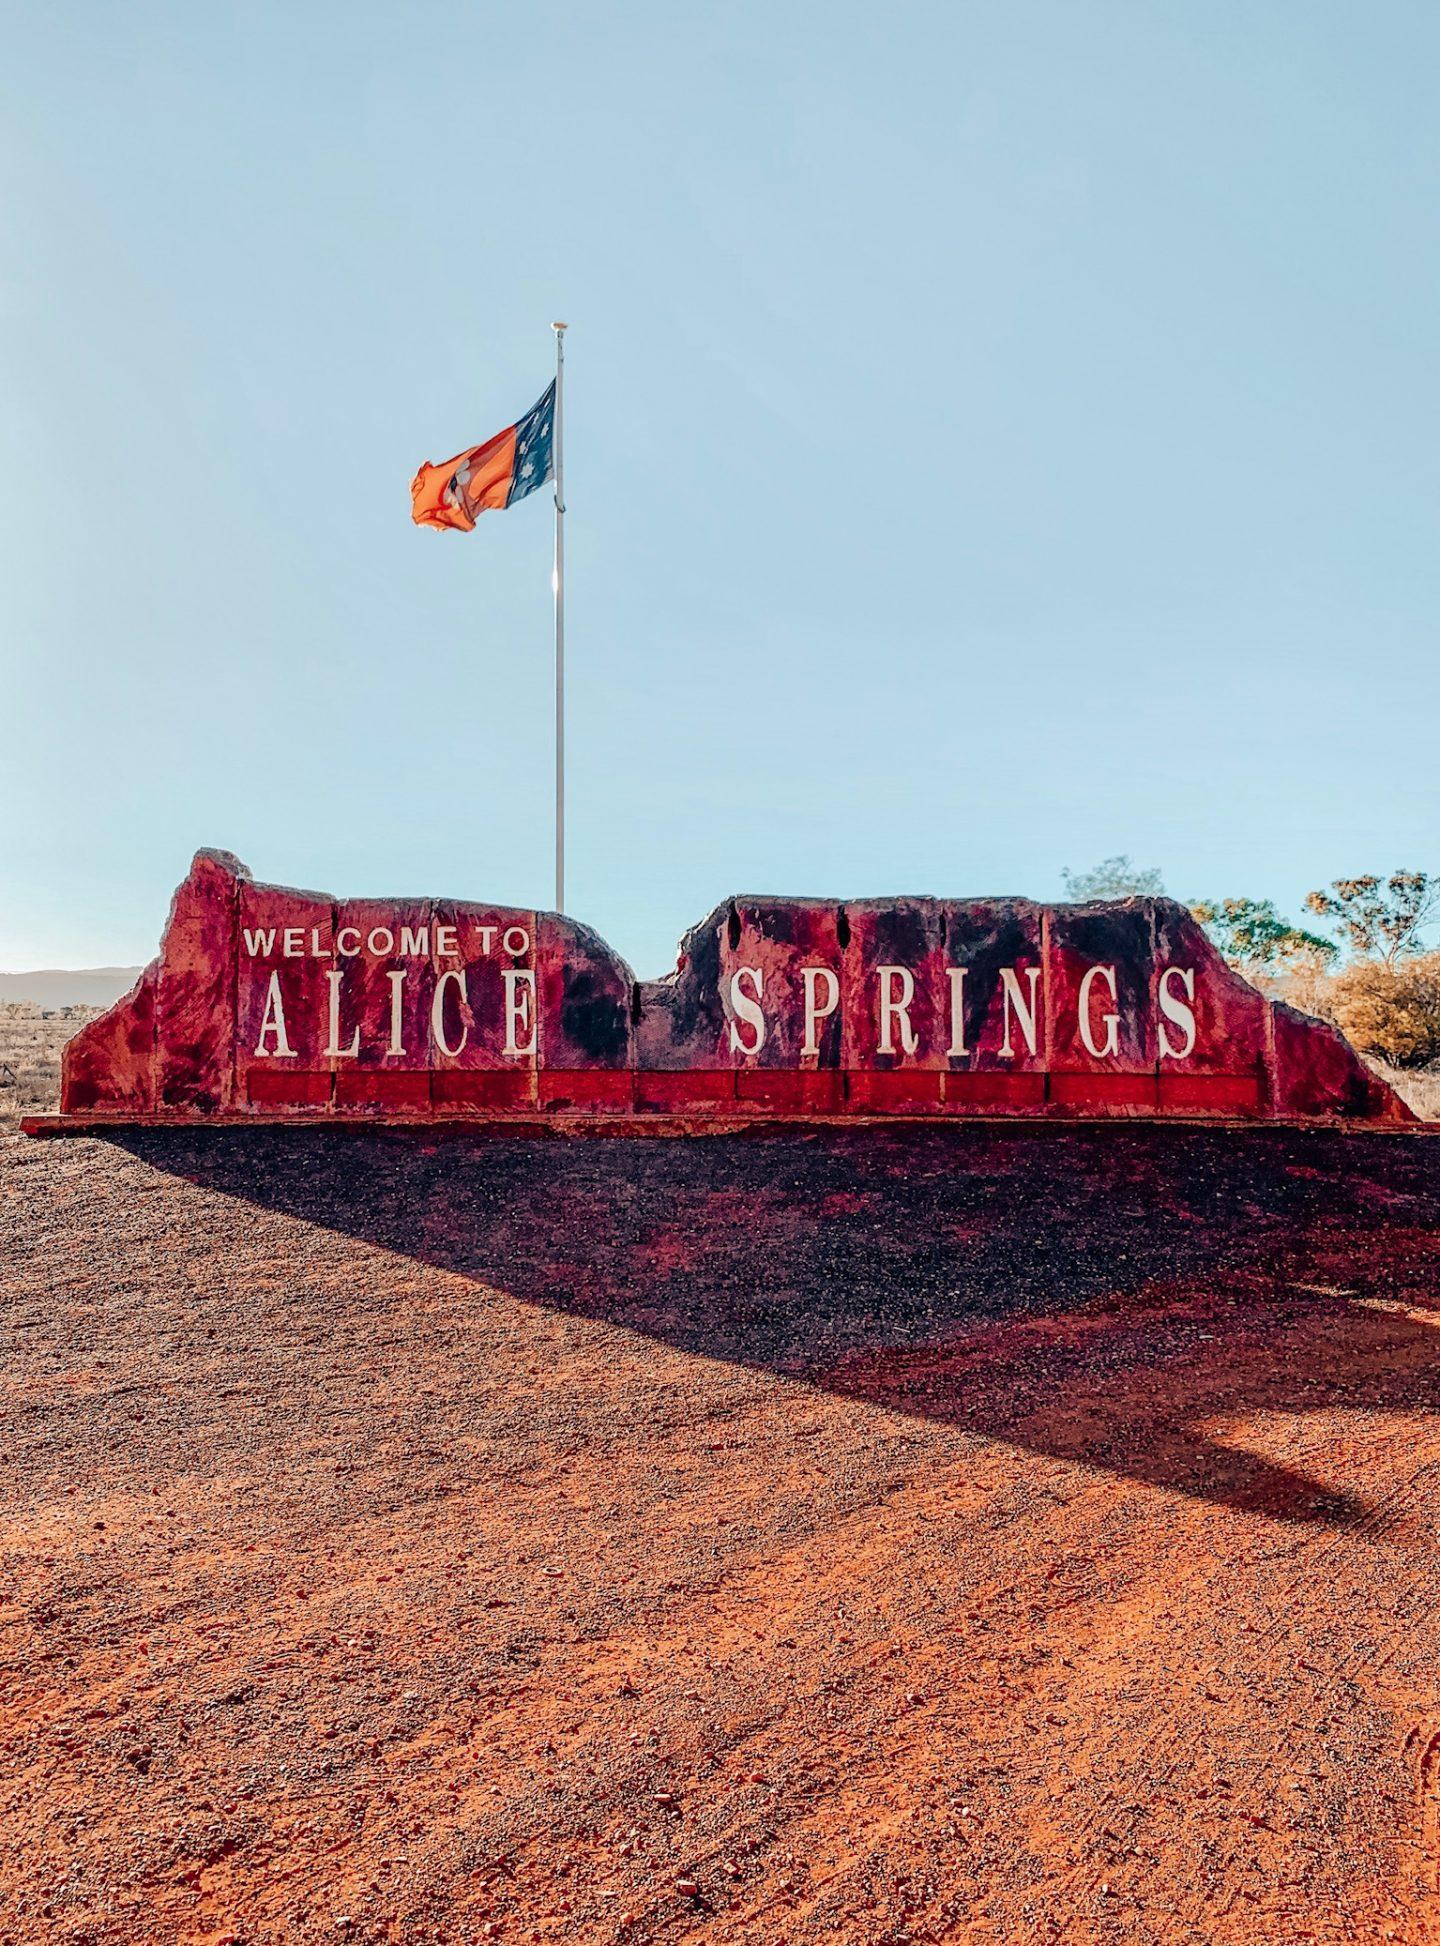 Entrance to Alice Springs, Australia.